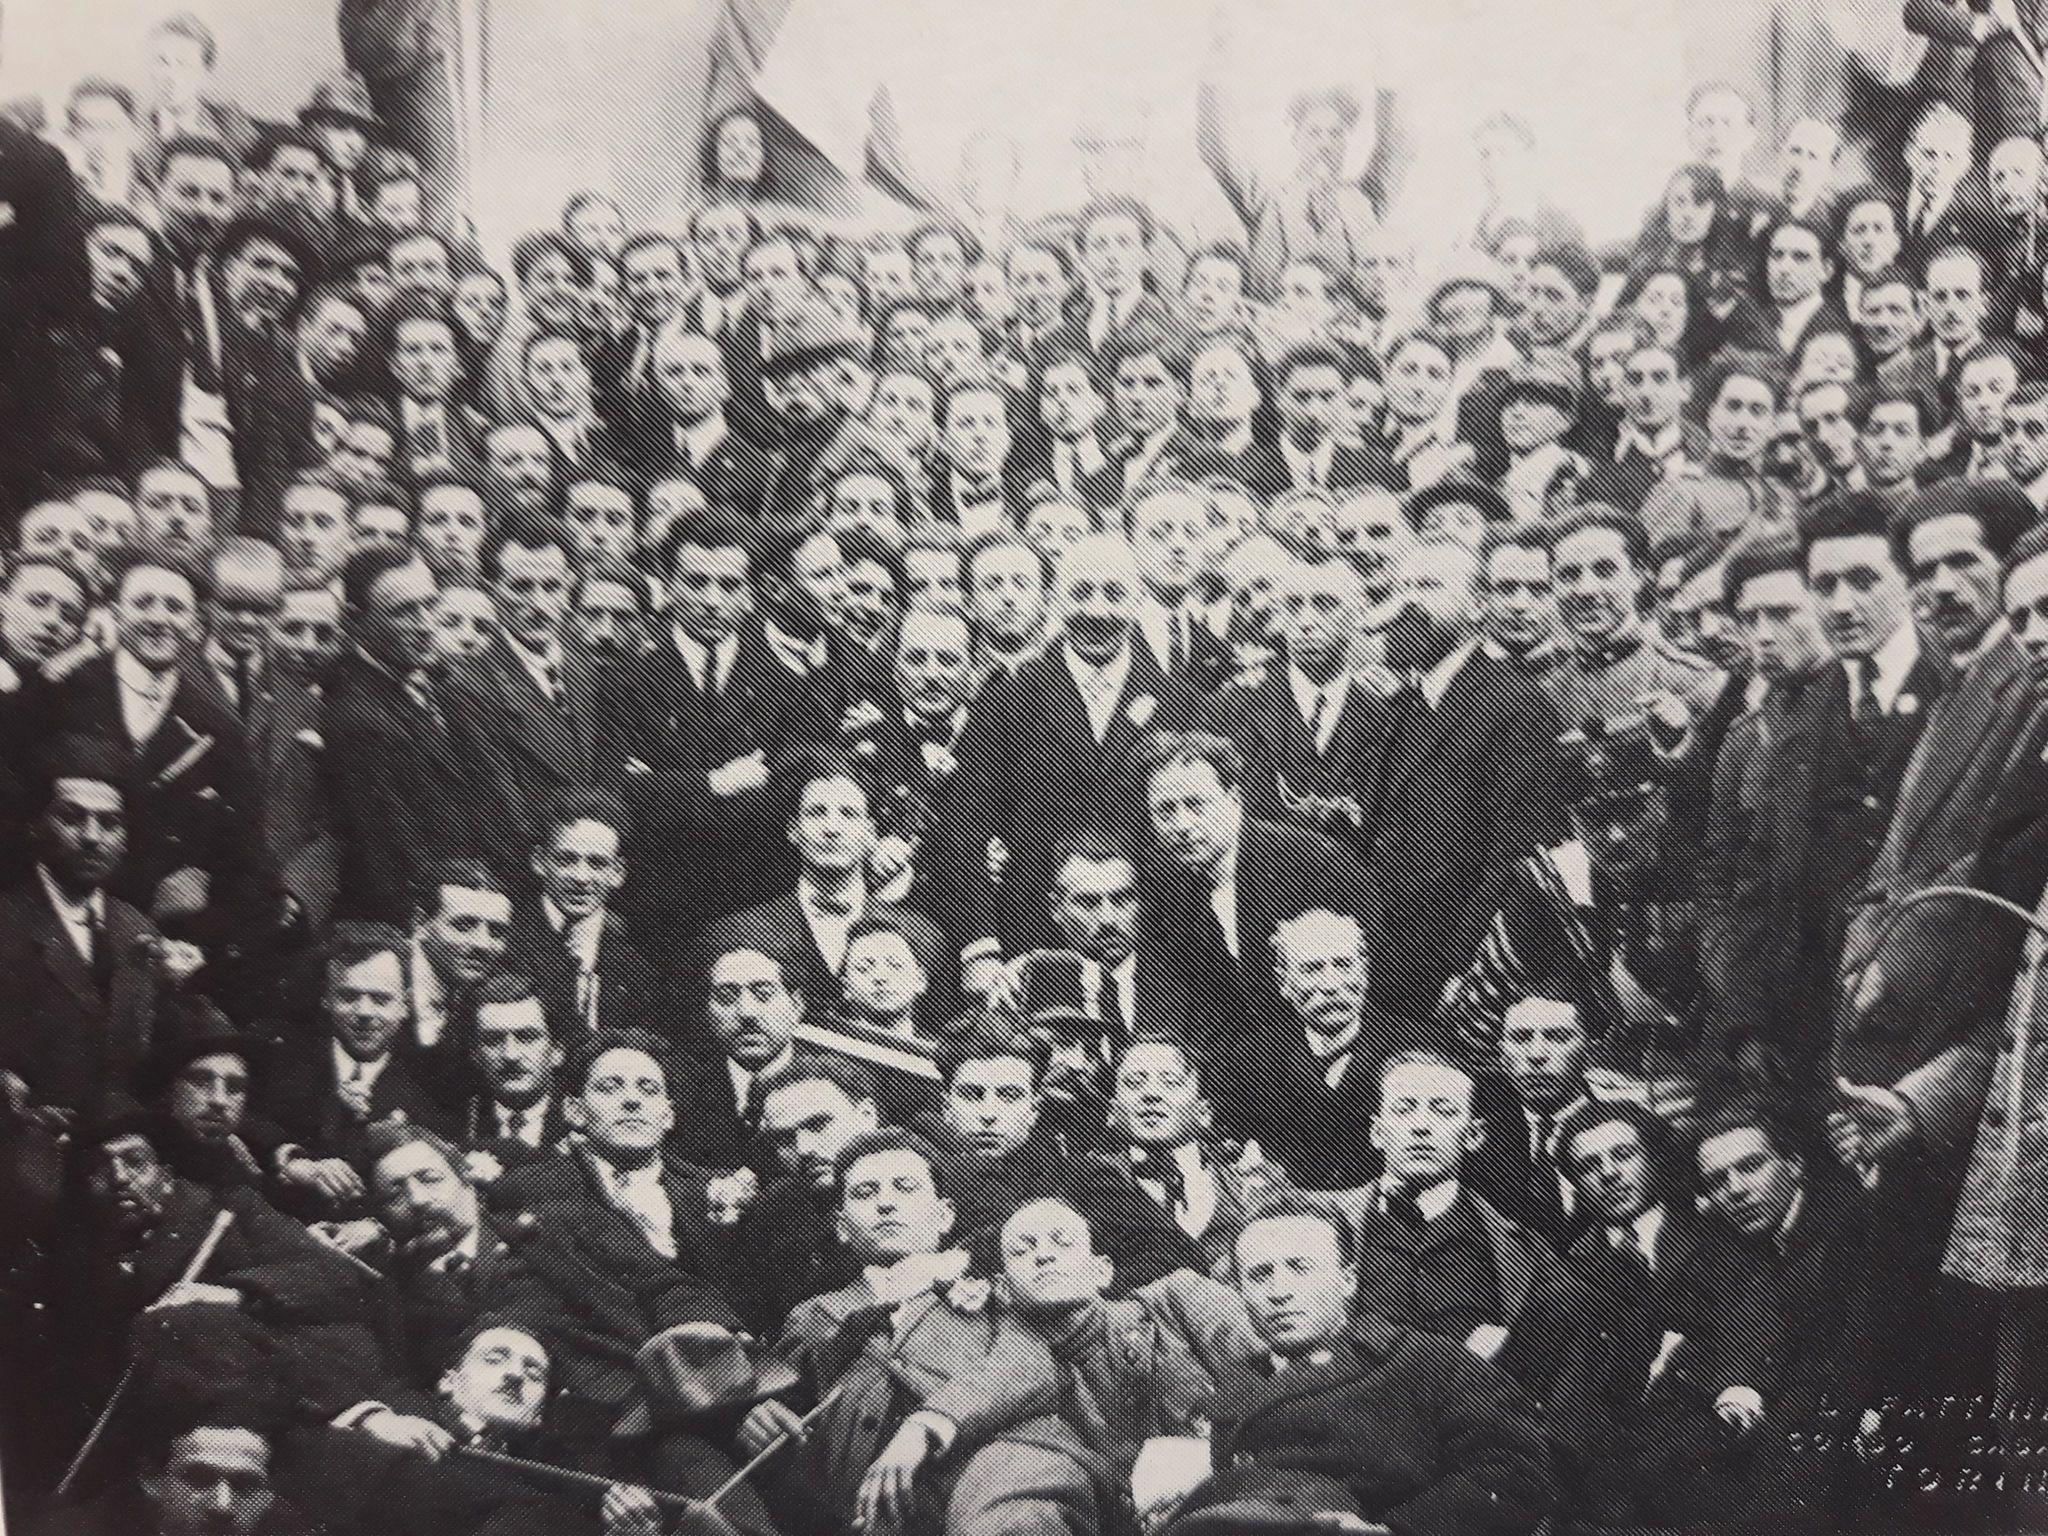 Biella, Dicembre 1920: «Rispettate, o disertori, i difensori della Patria!» – Valerio Zinetti